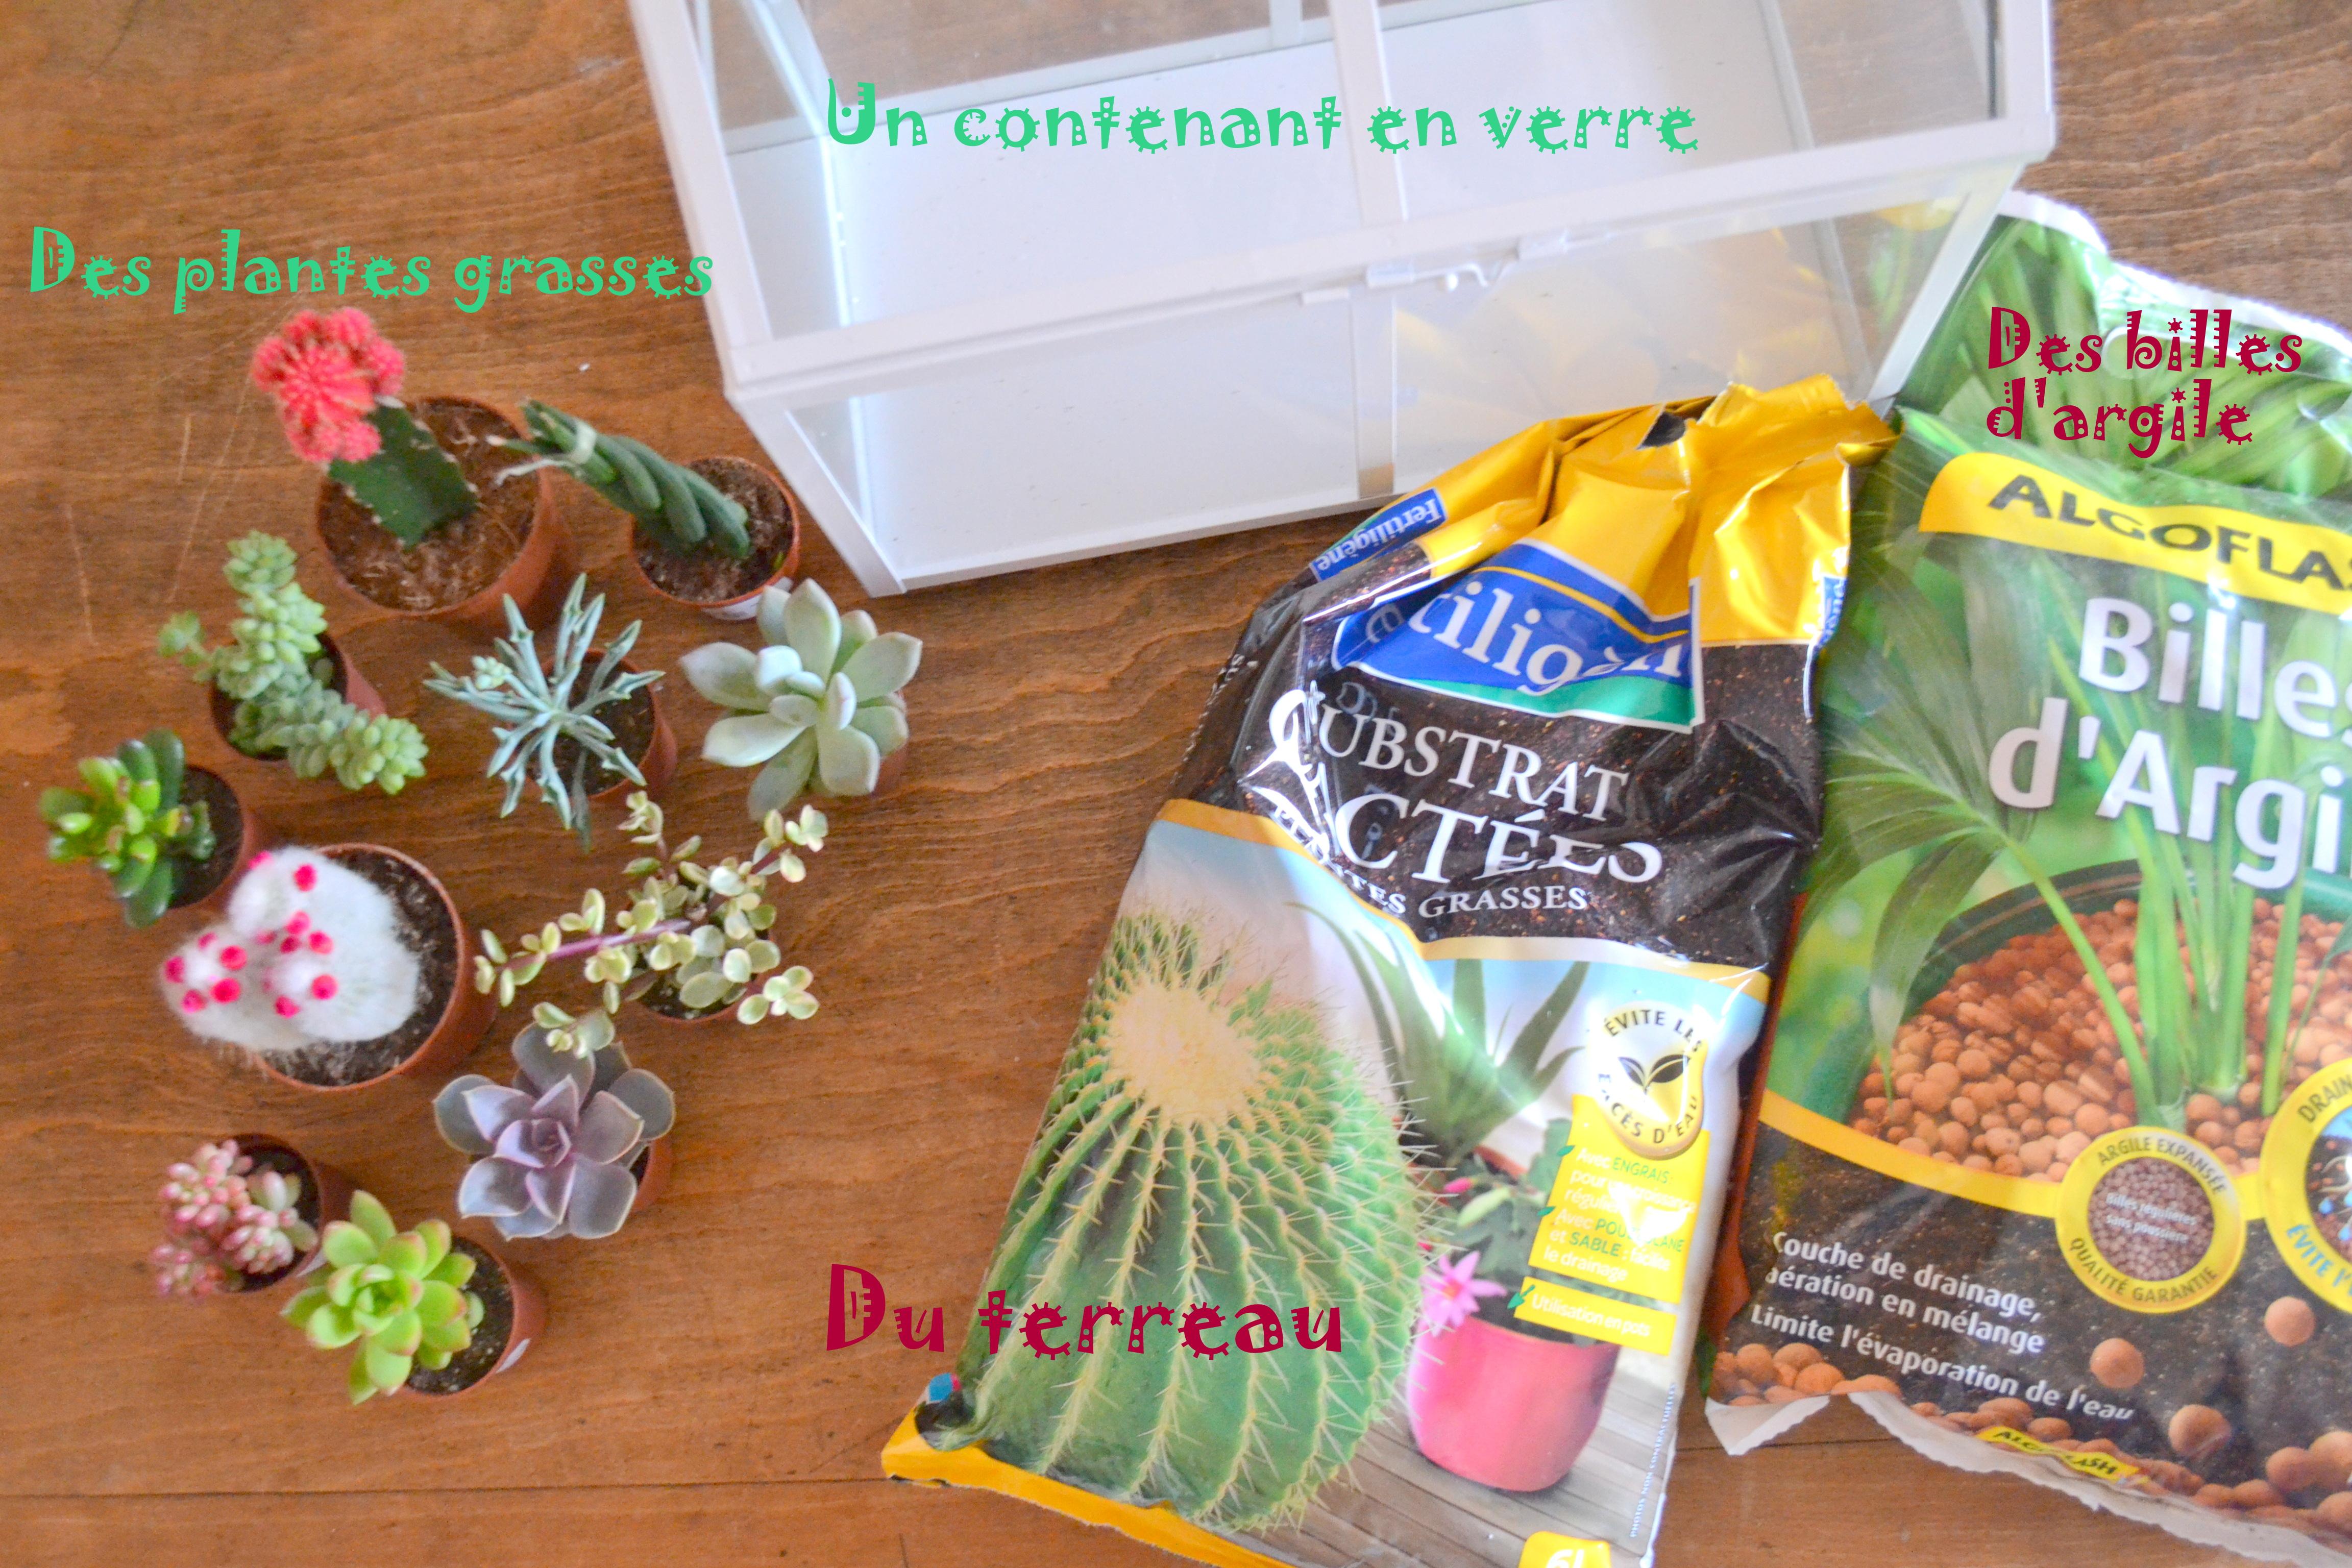 Diy d̩co: le mini jardin de succulentes Рdemoiz'elle vivi